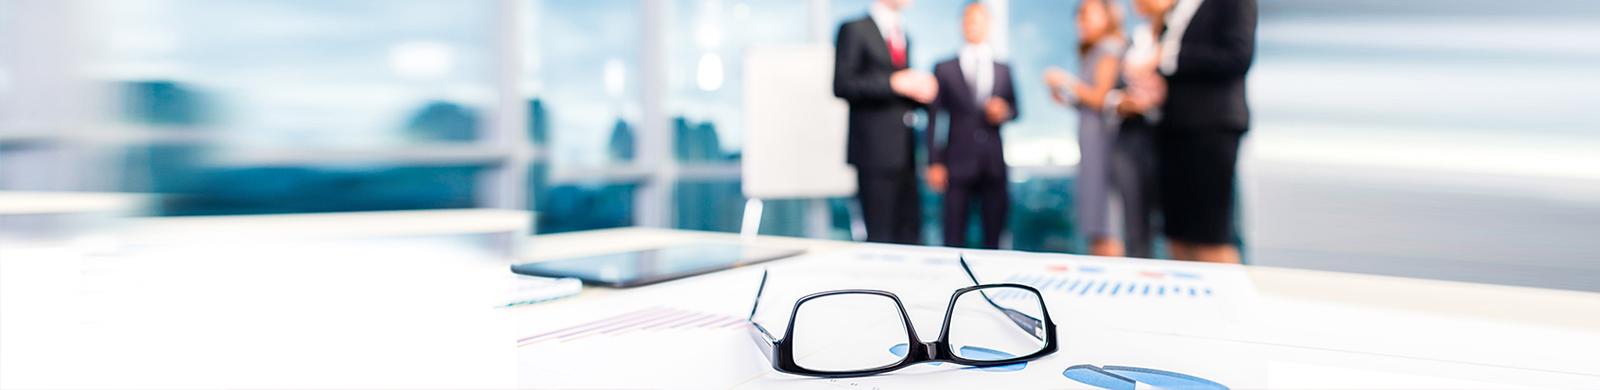 Formations en inter-entreprises